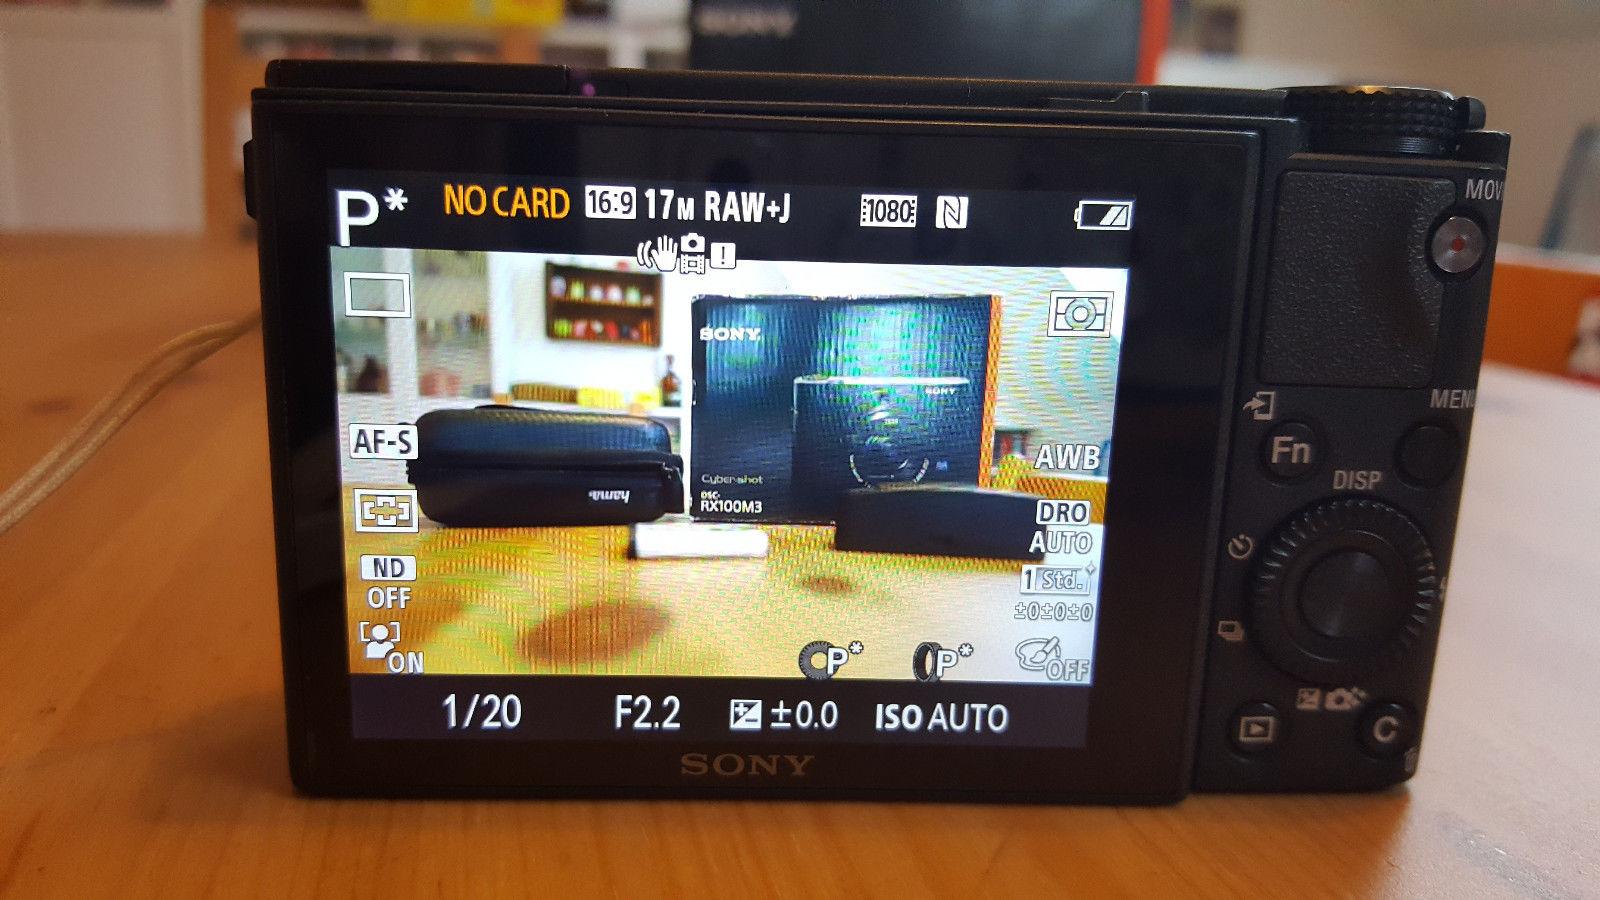 Sony CyberShot DSC RX100 M3 III 20.1 MP Digitalkamera - wie NEU Garantie